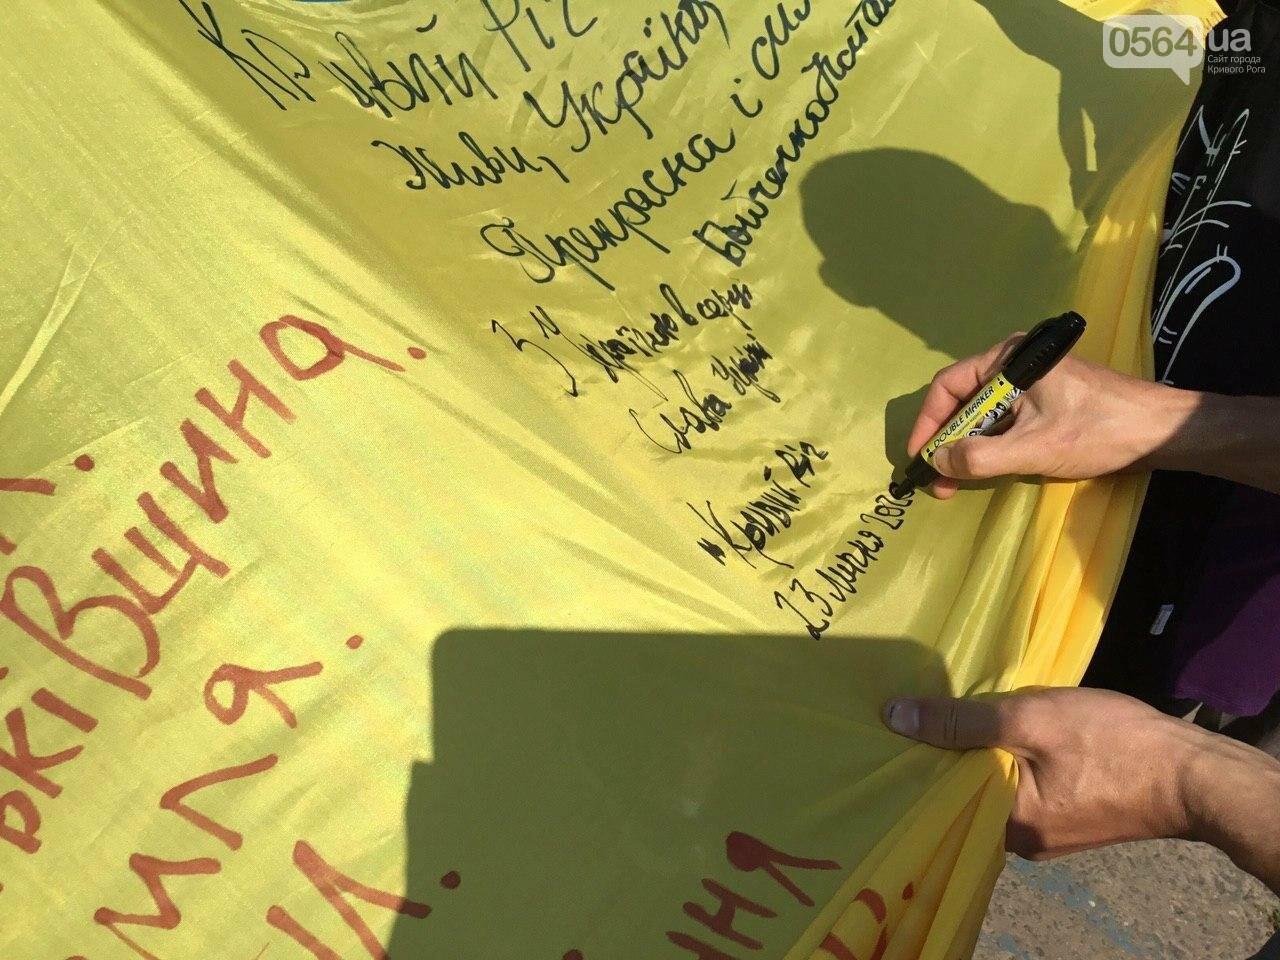 """""""Українці - брати, Разом ми - сила!"""", - какие пожелания и призывы написали криворожане на Знамени Единства, - ФОТО, ВИДЕО, фото-36"""